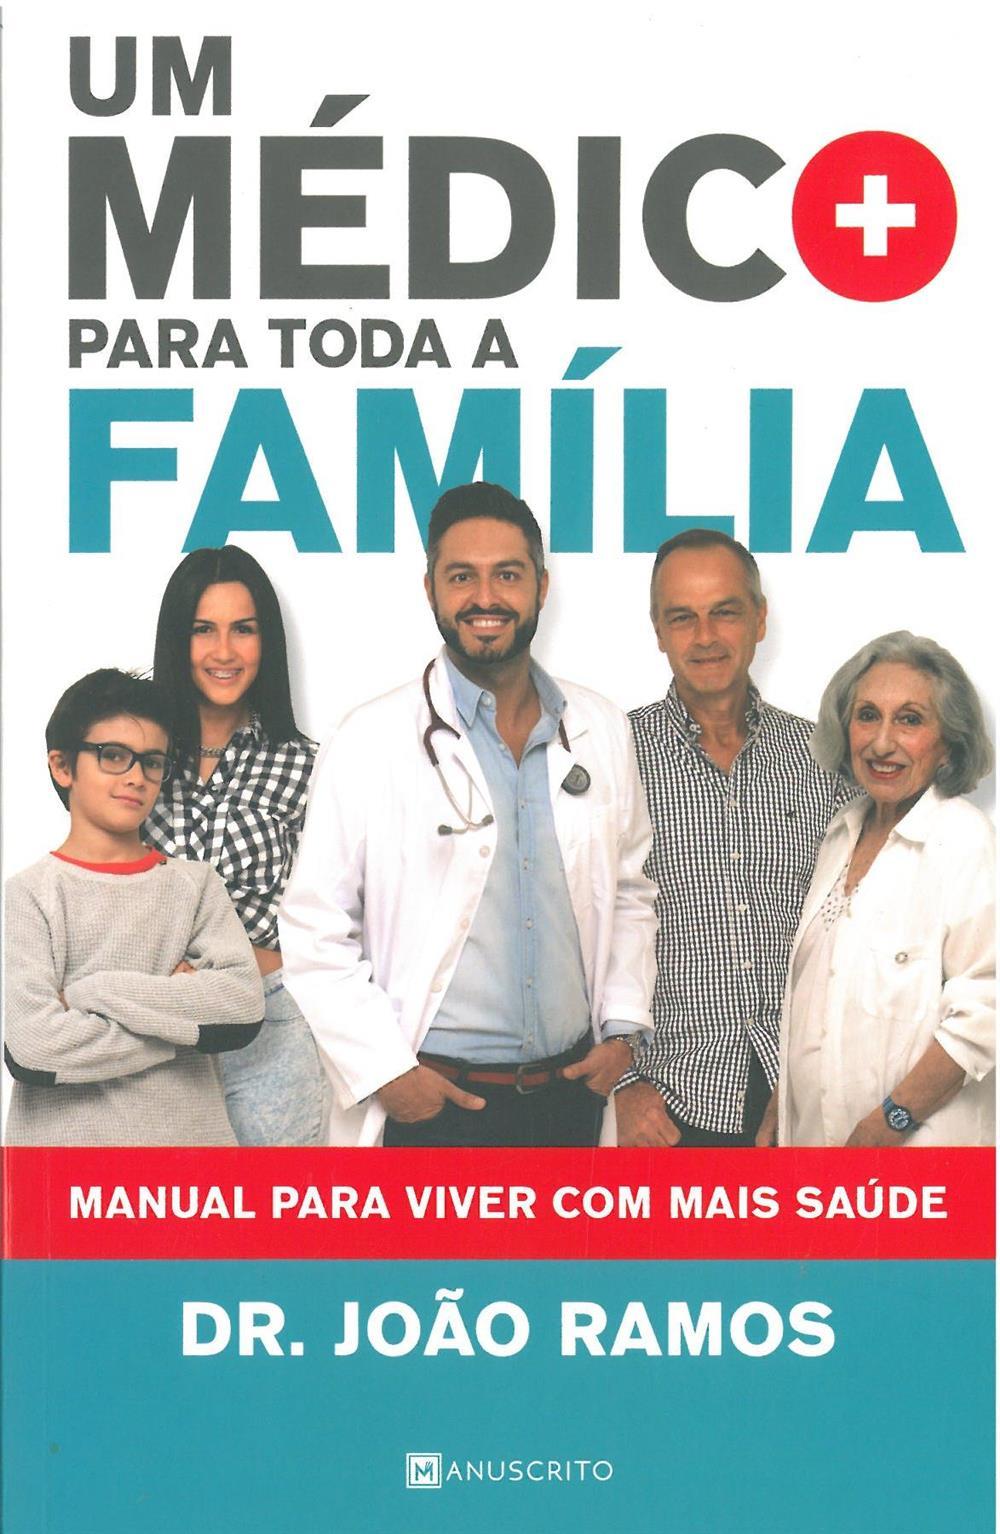 Um médico para toda a família_.jpg